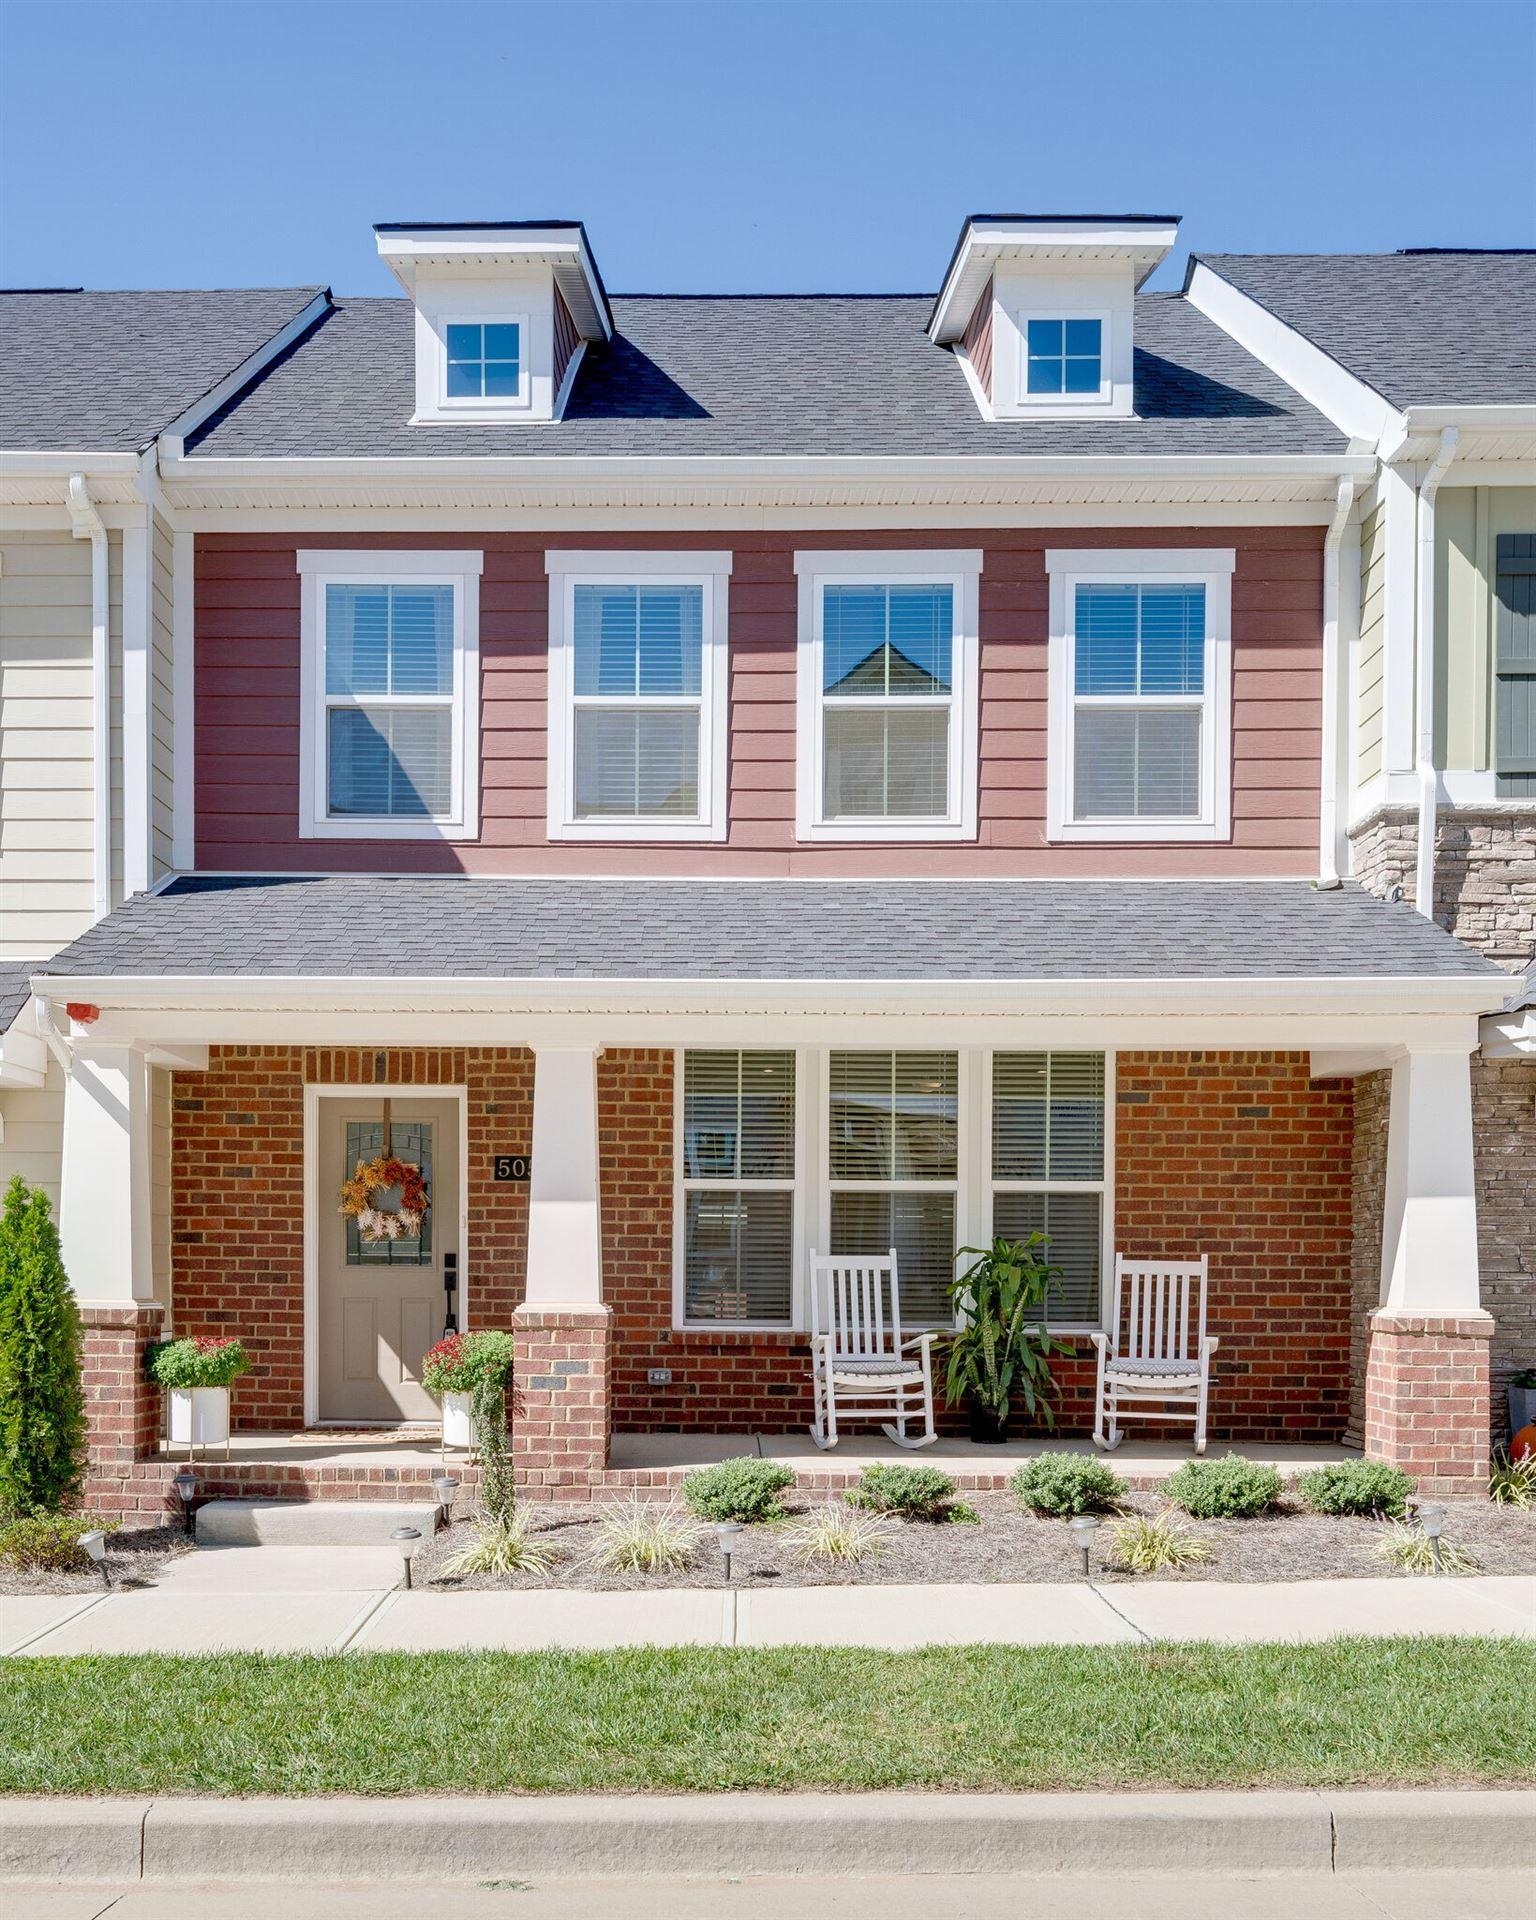 5054 Birchcroft Ln, Franklin, TN 37064 - MLS#: 2195311